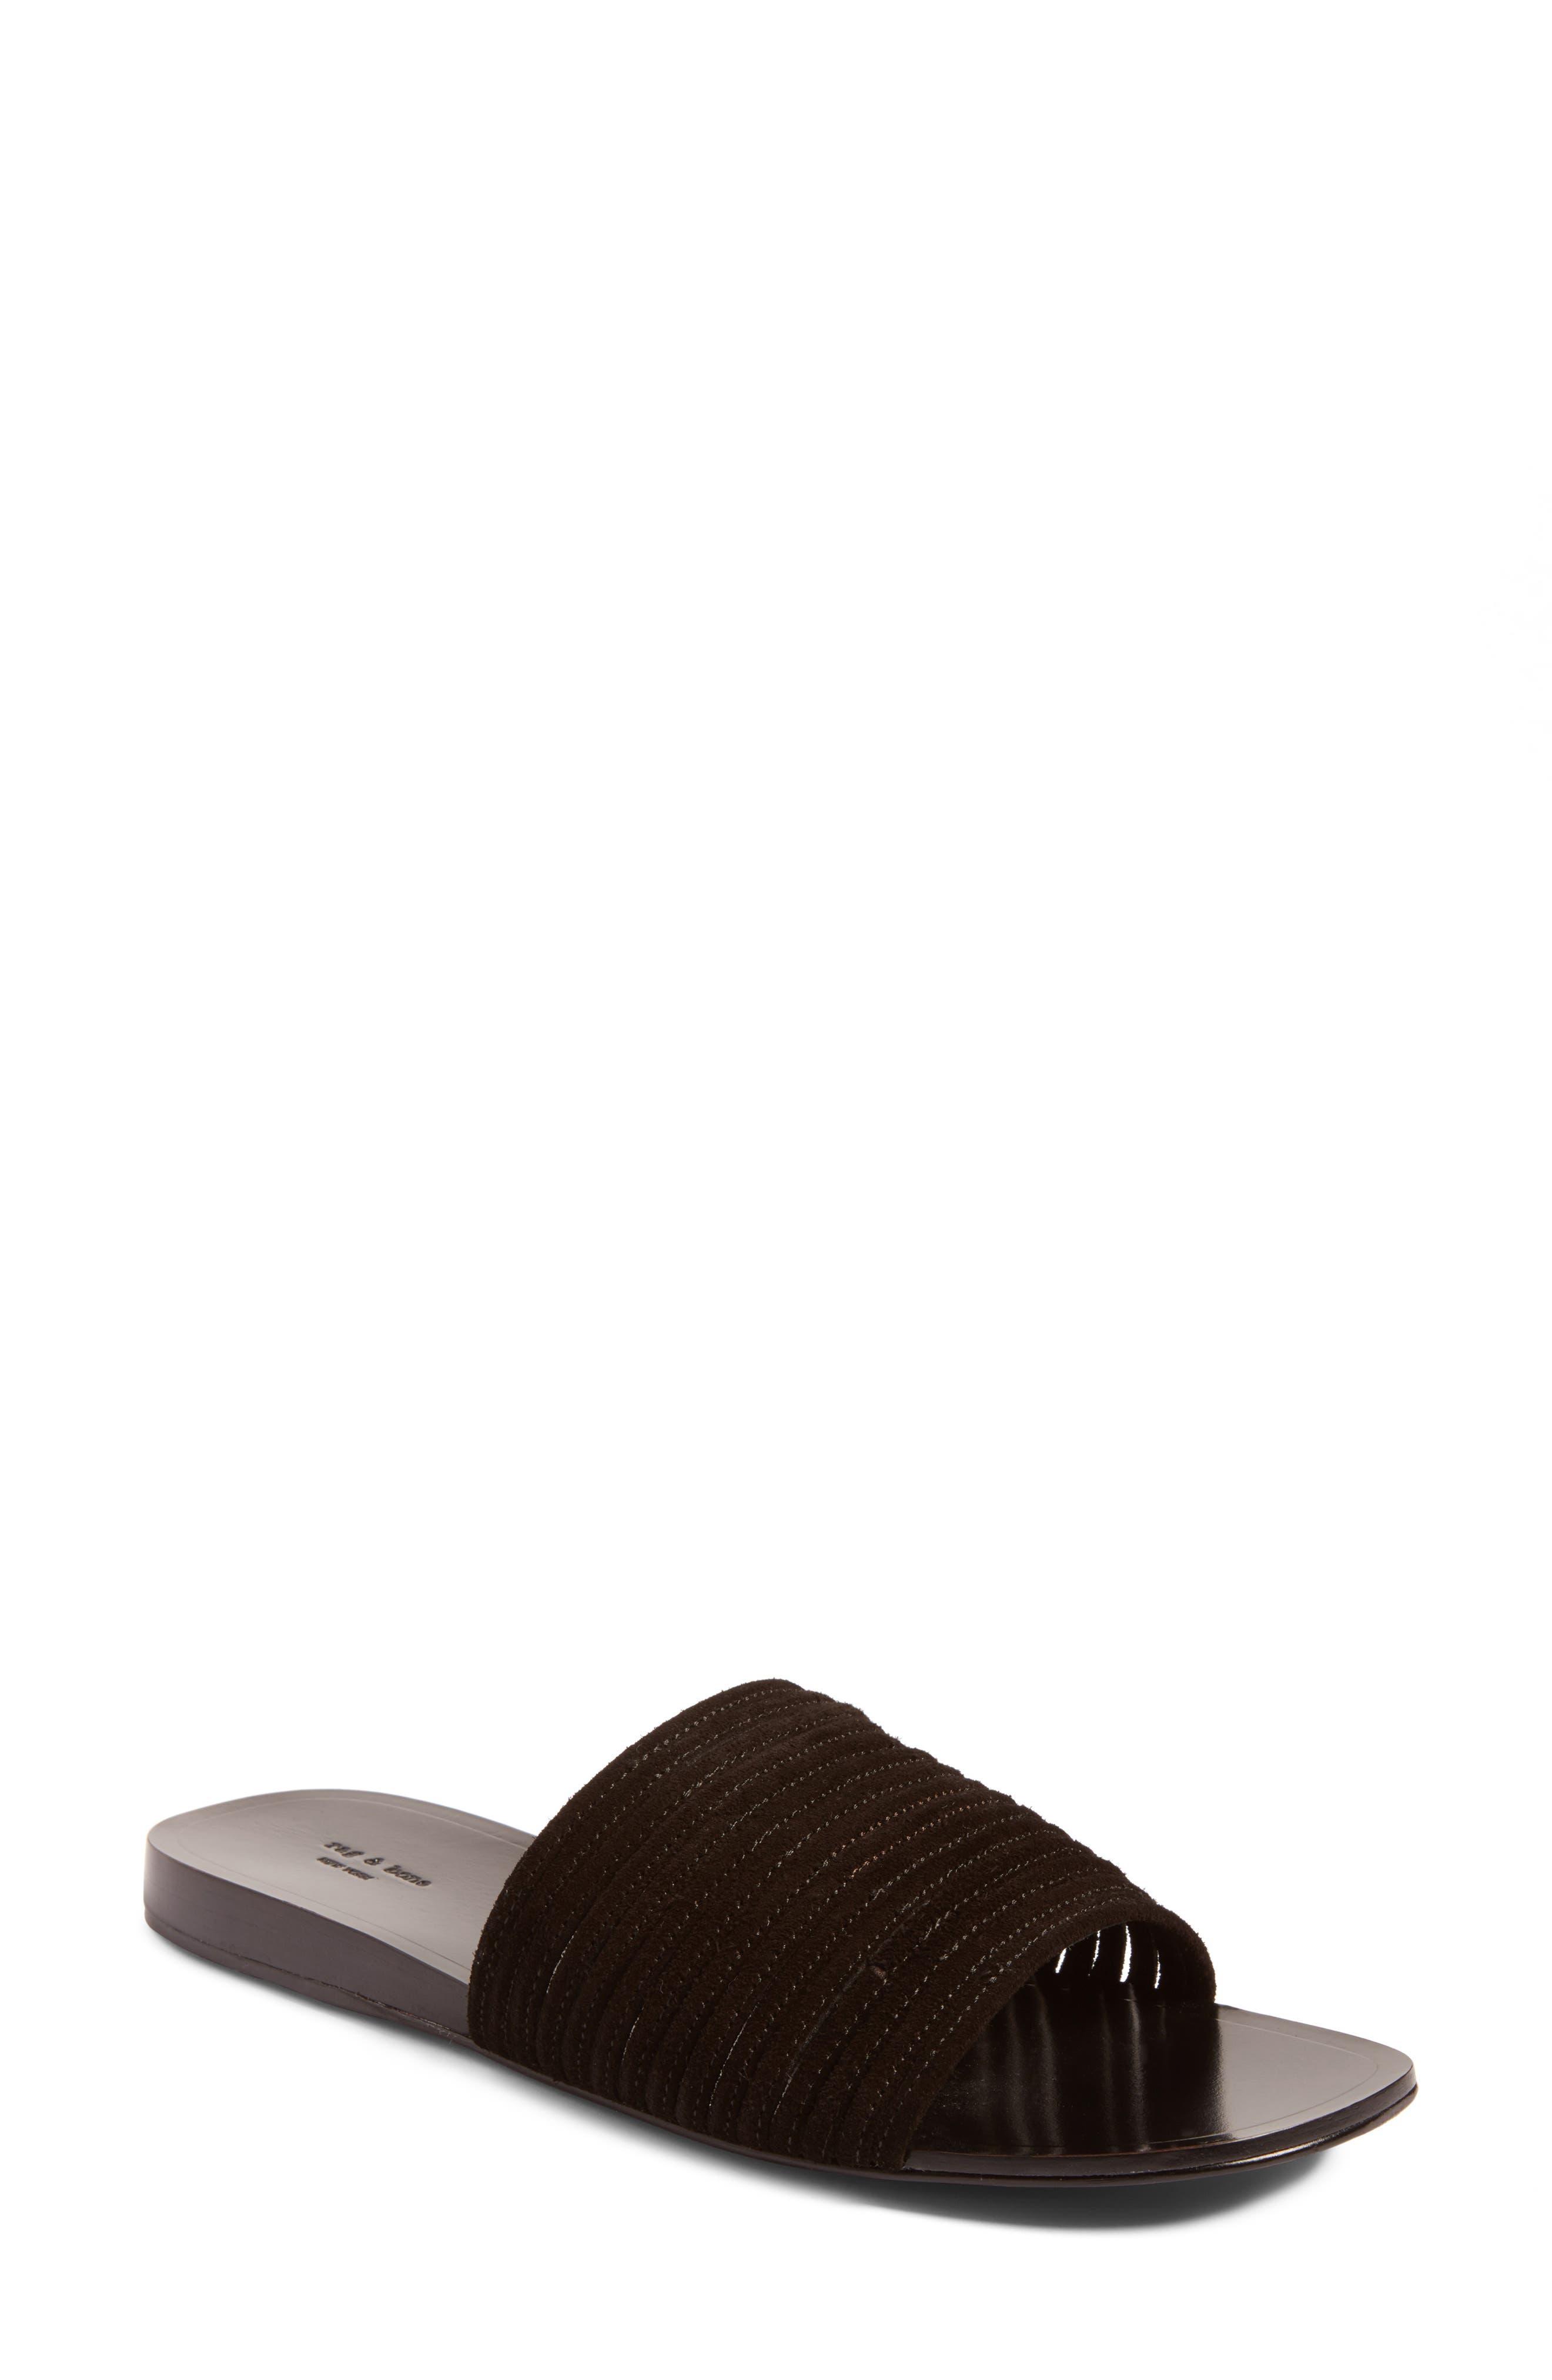 Cameron Slide Sandal,                             Main thumbnail 1, color,                             008